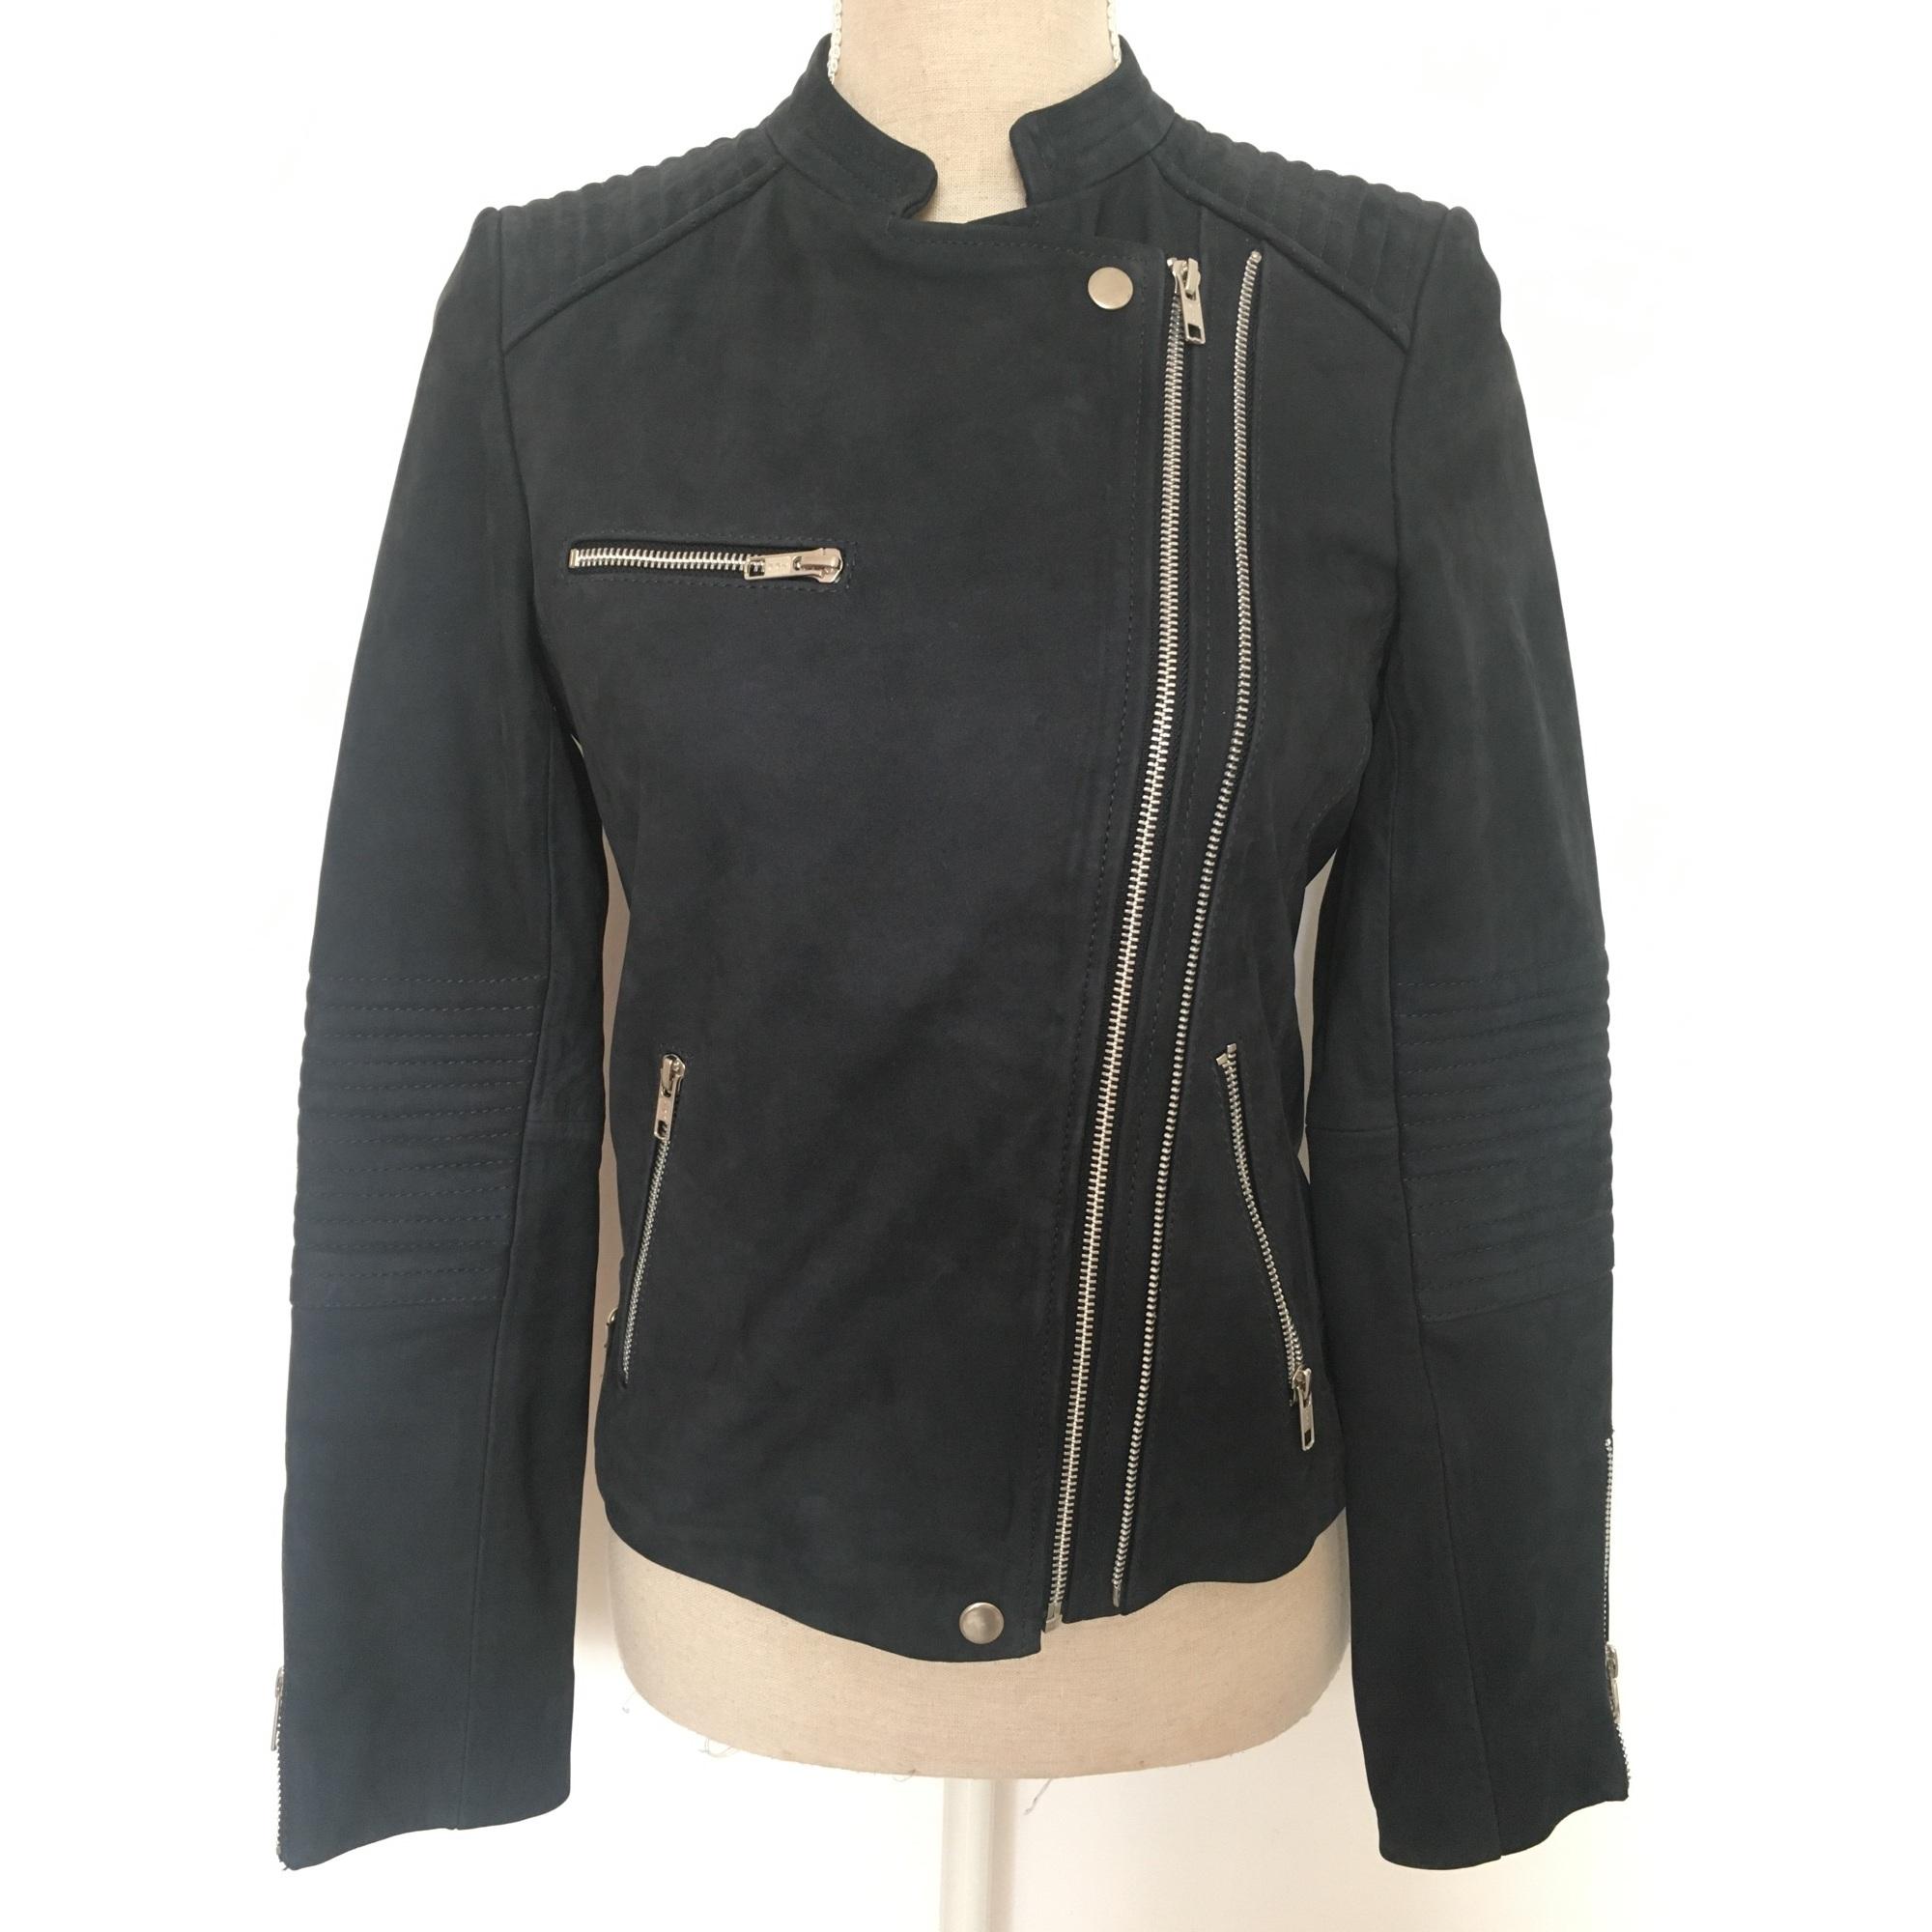 Veste en cuir CAROLL 36 (S, T1) bleu vendu par Anastasia - 6177752 10c1d1763c22